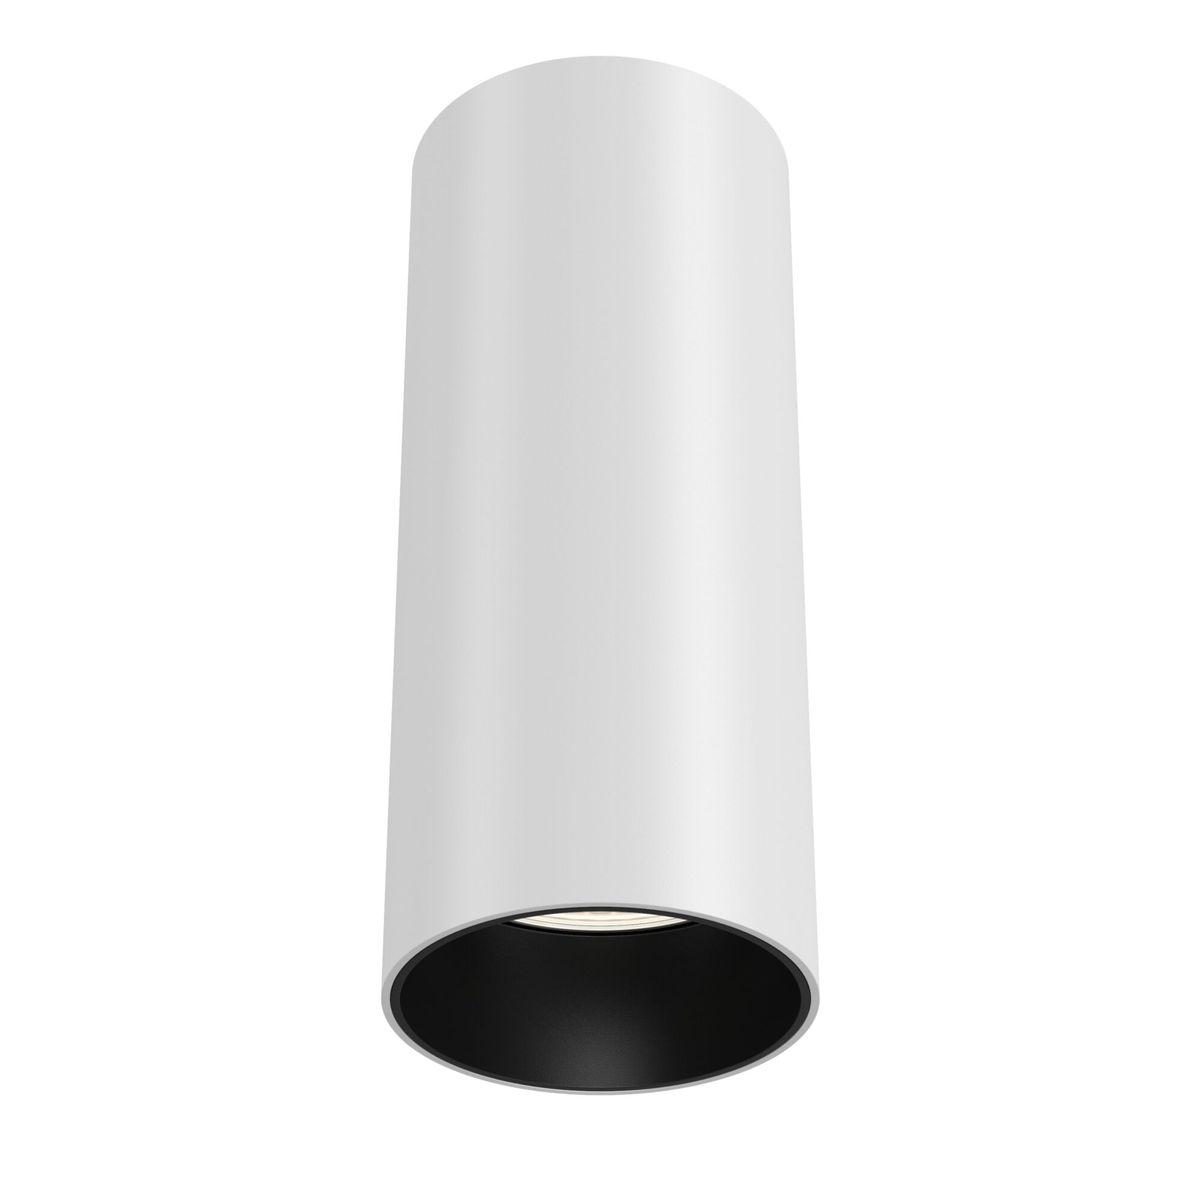 Фото - Светильник Maytoni C056CL-L12W4K Focus Led светильник maytoni потолочный светодиодный focus led c056cl l12w4k